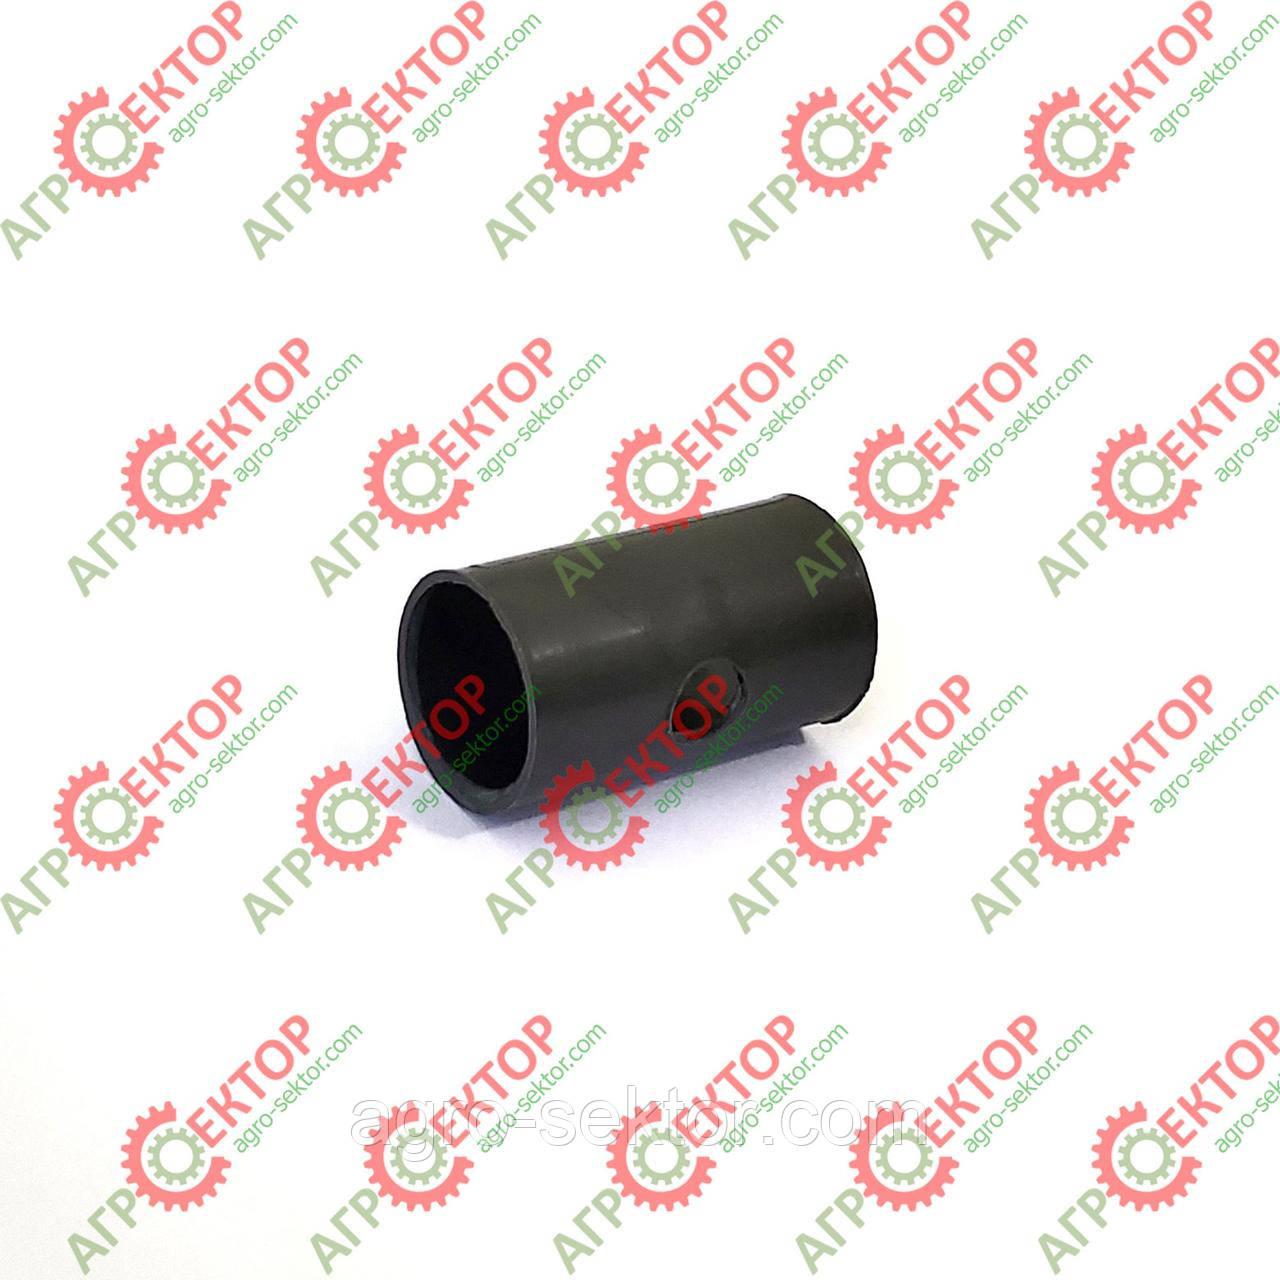 Втулка 15*18*32мм ролика вала в'язального механізму на преспідбирач Claas Markant 008508